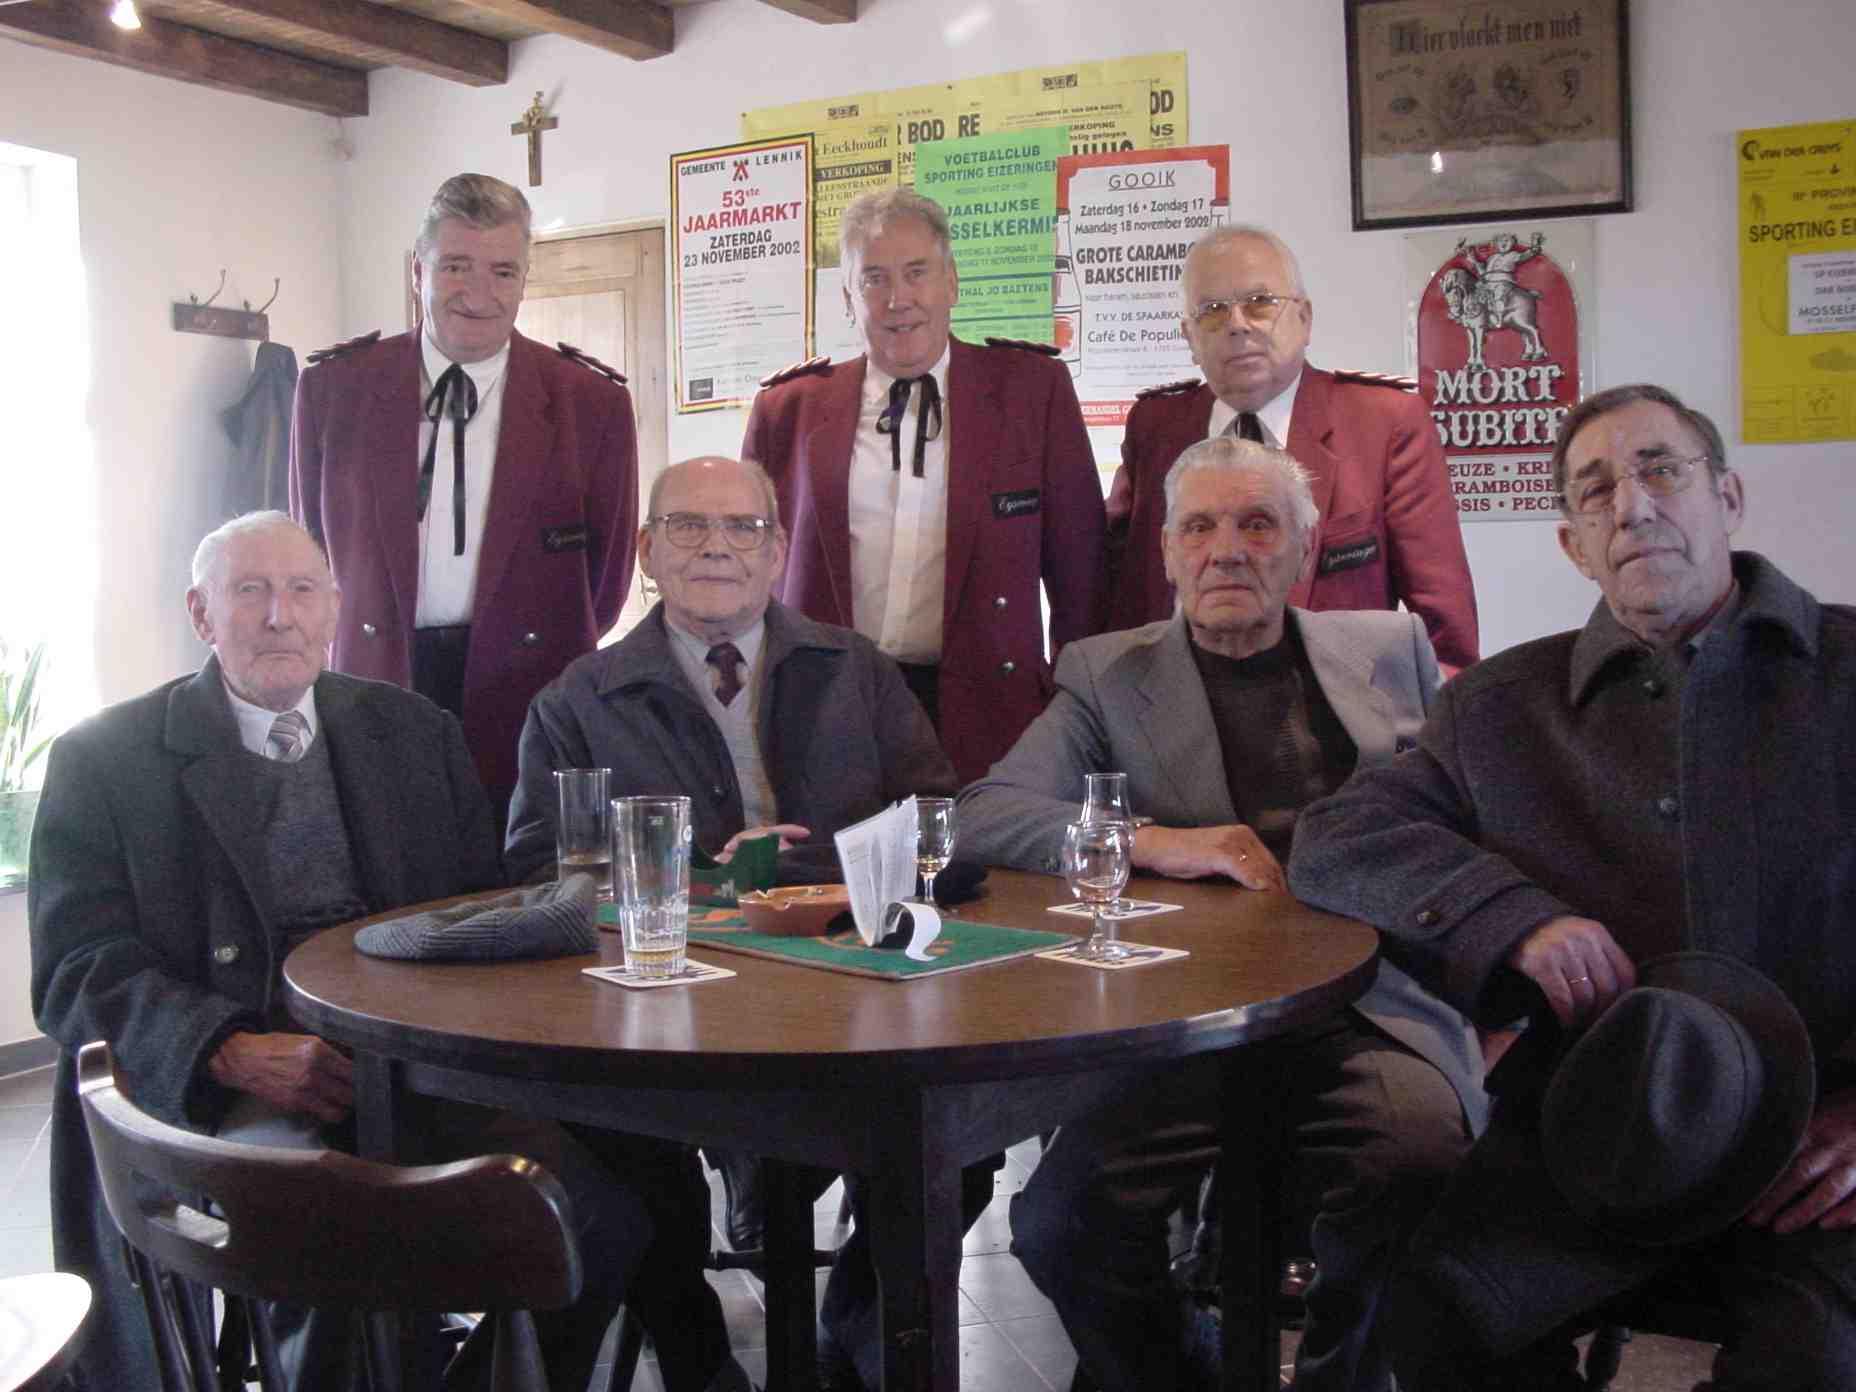 De oud-strijders en de wijze mannen van de fanfare